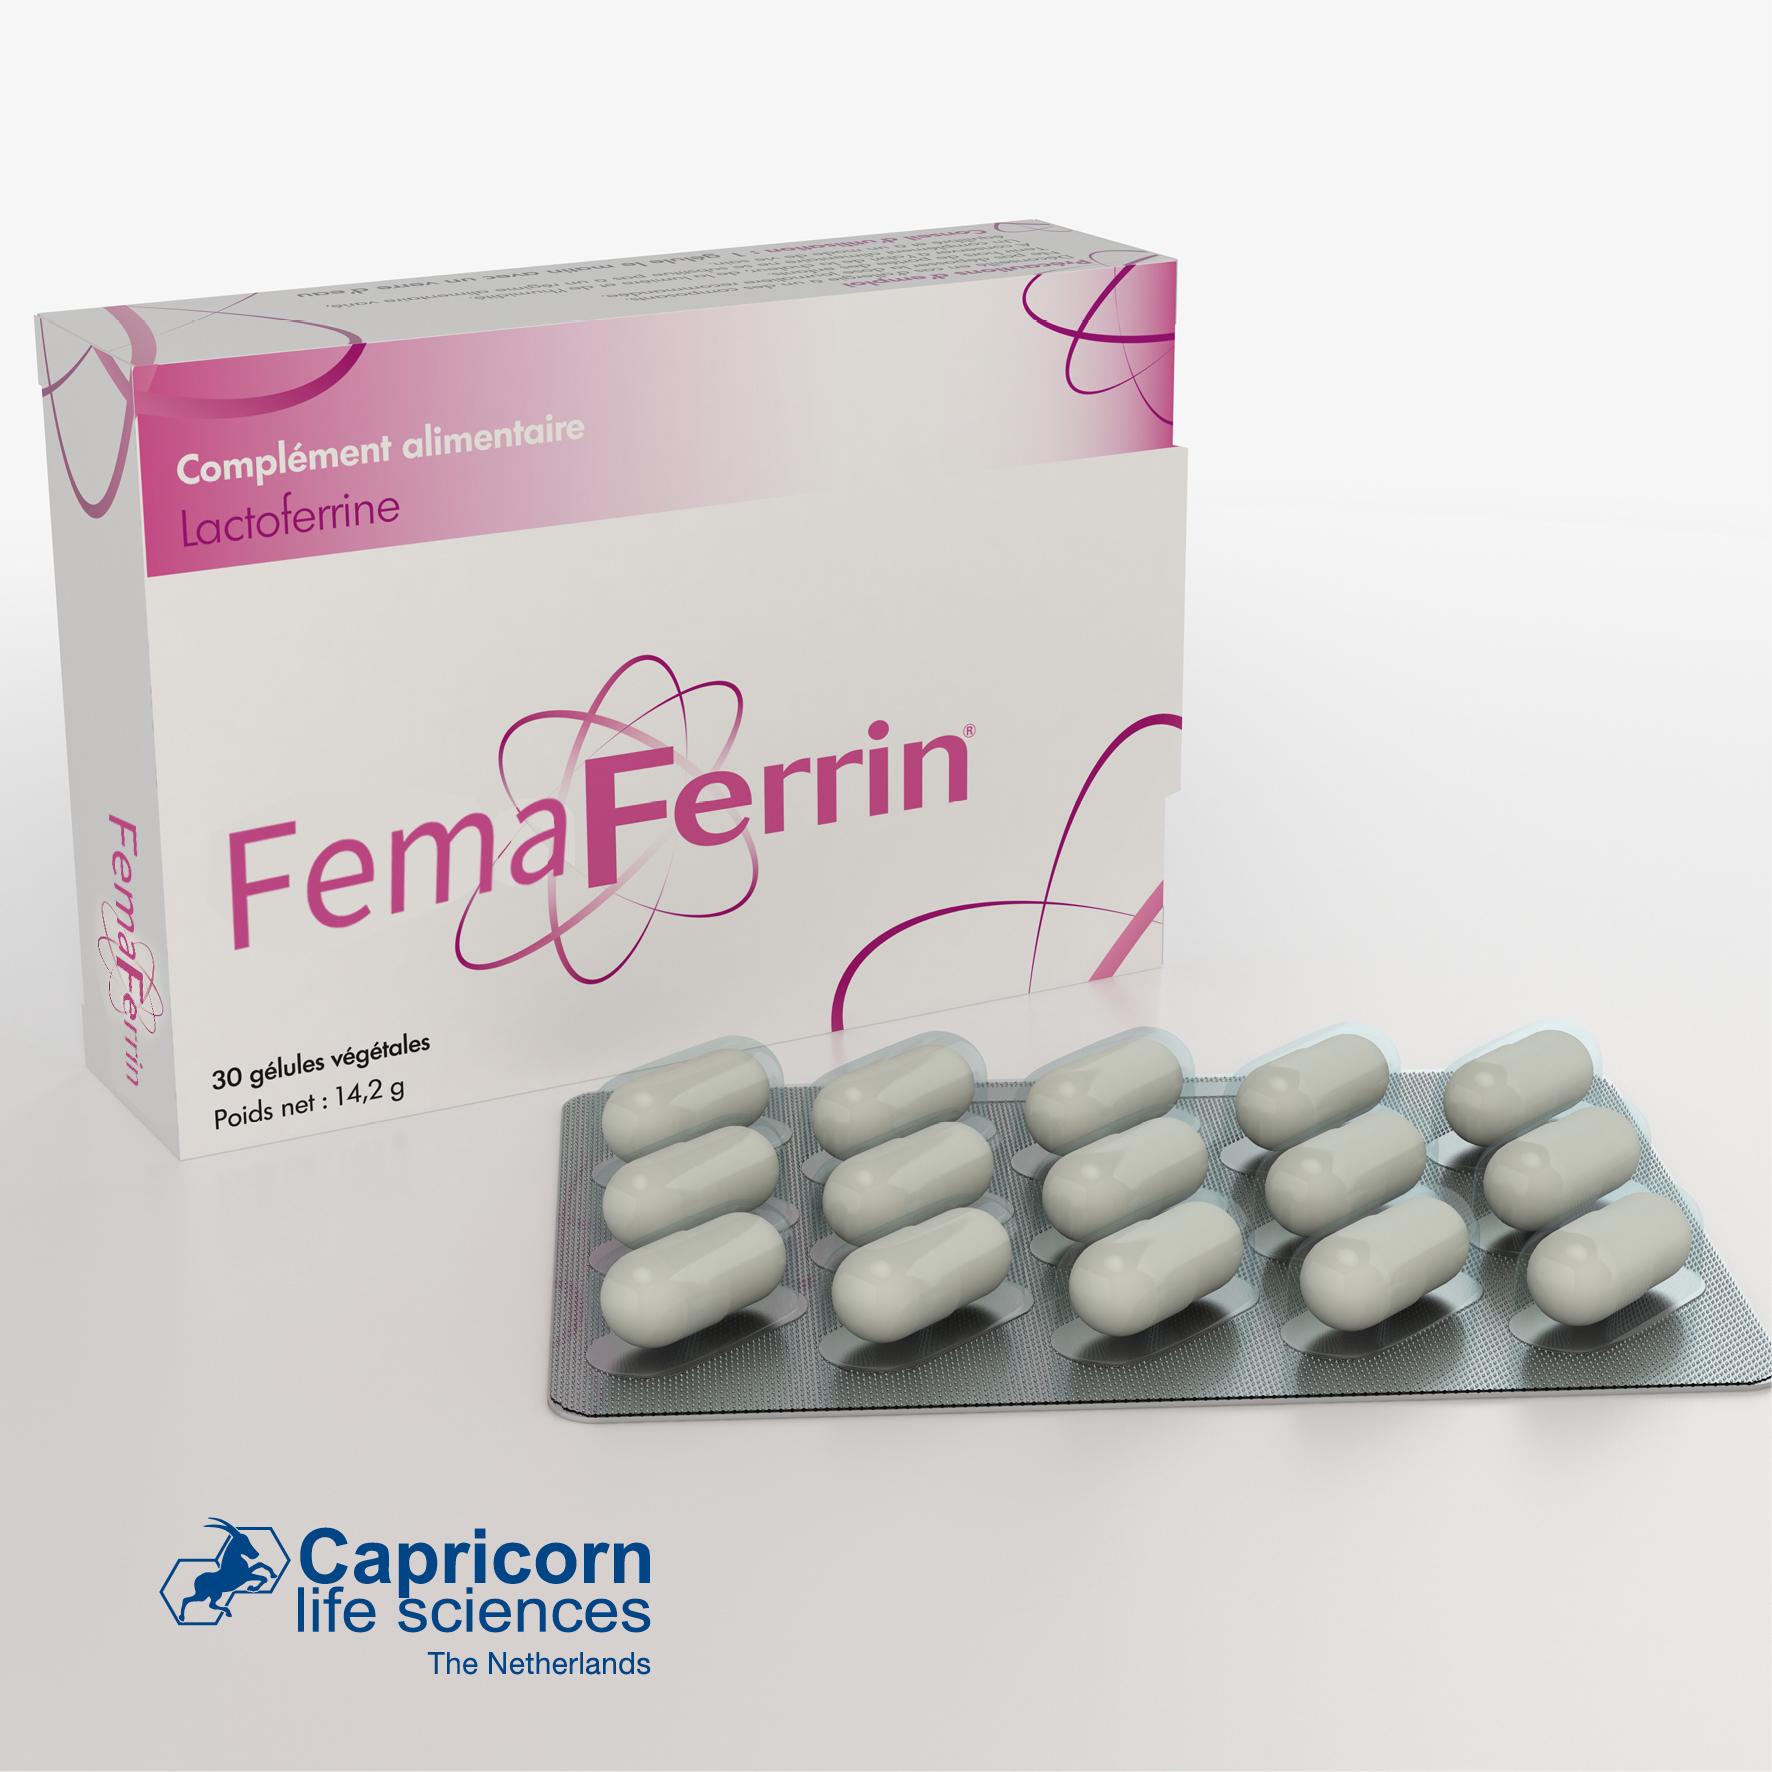 FEMAFERRIN capsules